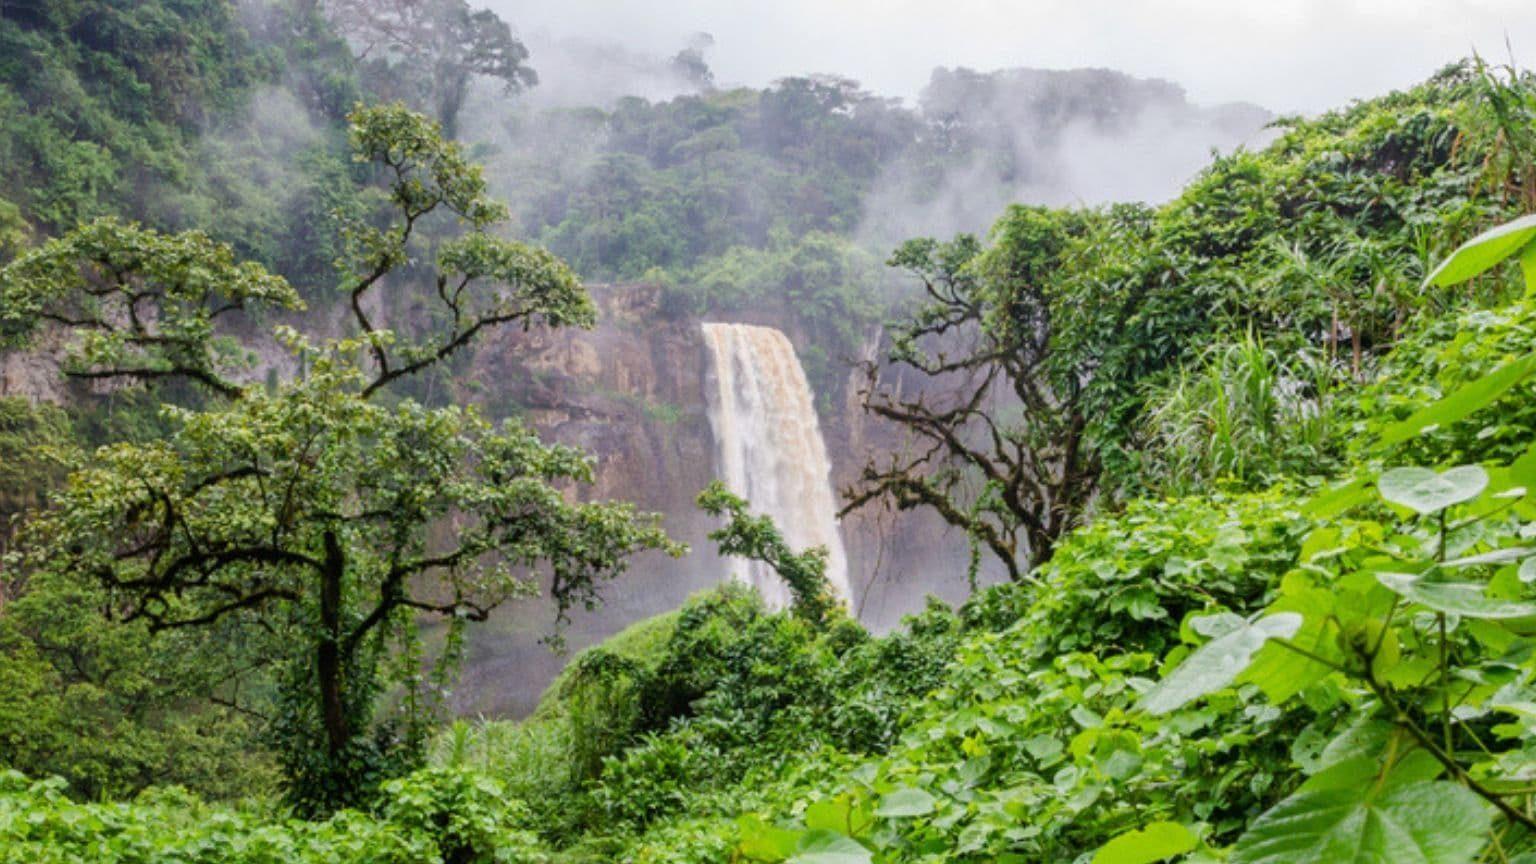 Ekom waterfall in Cameroon